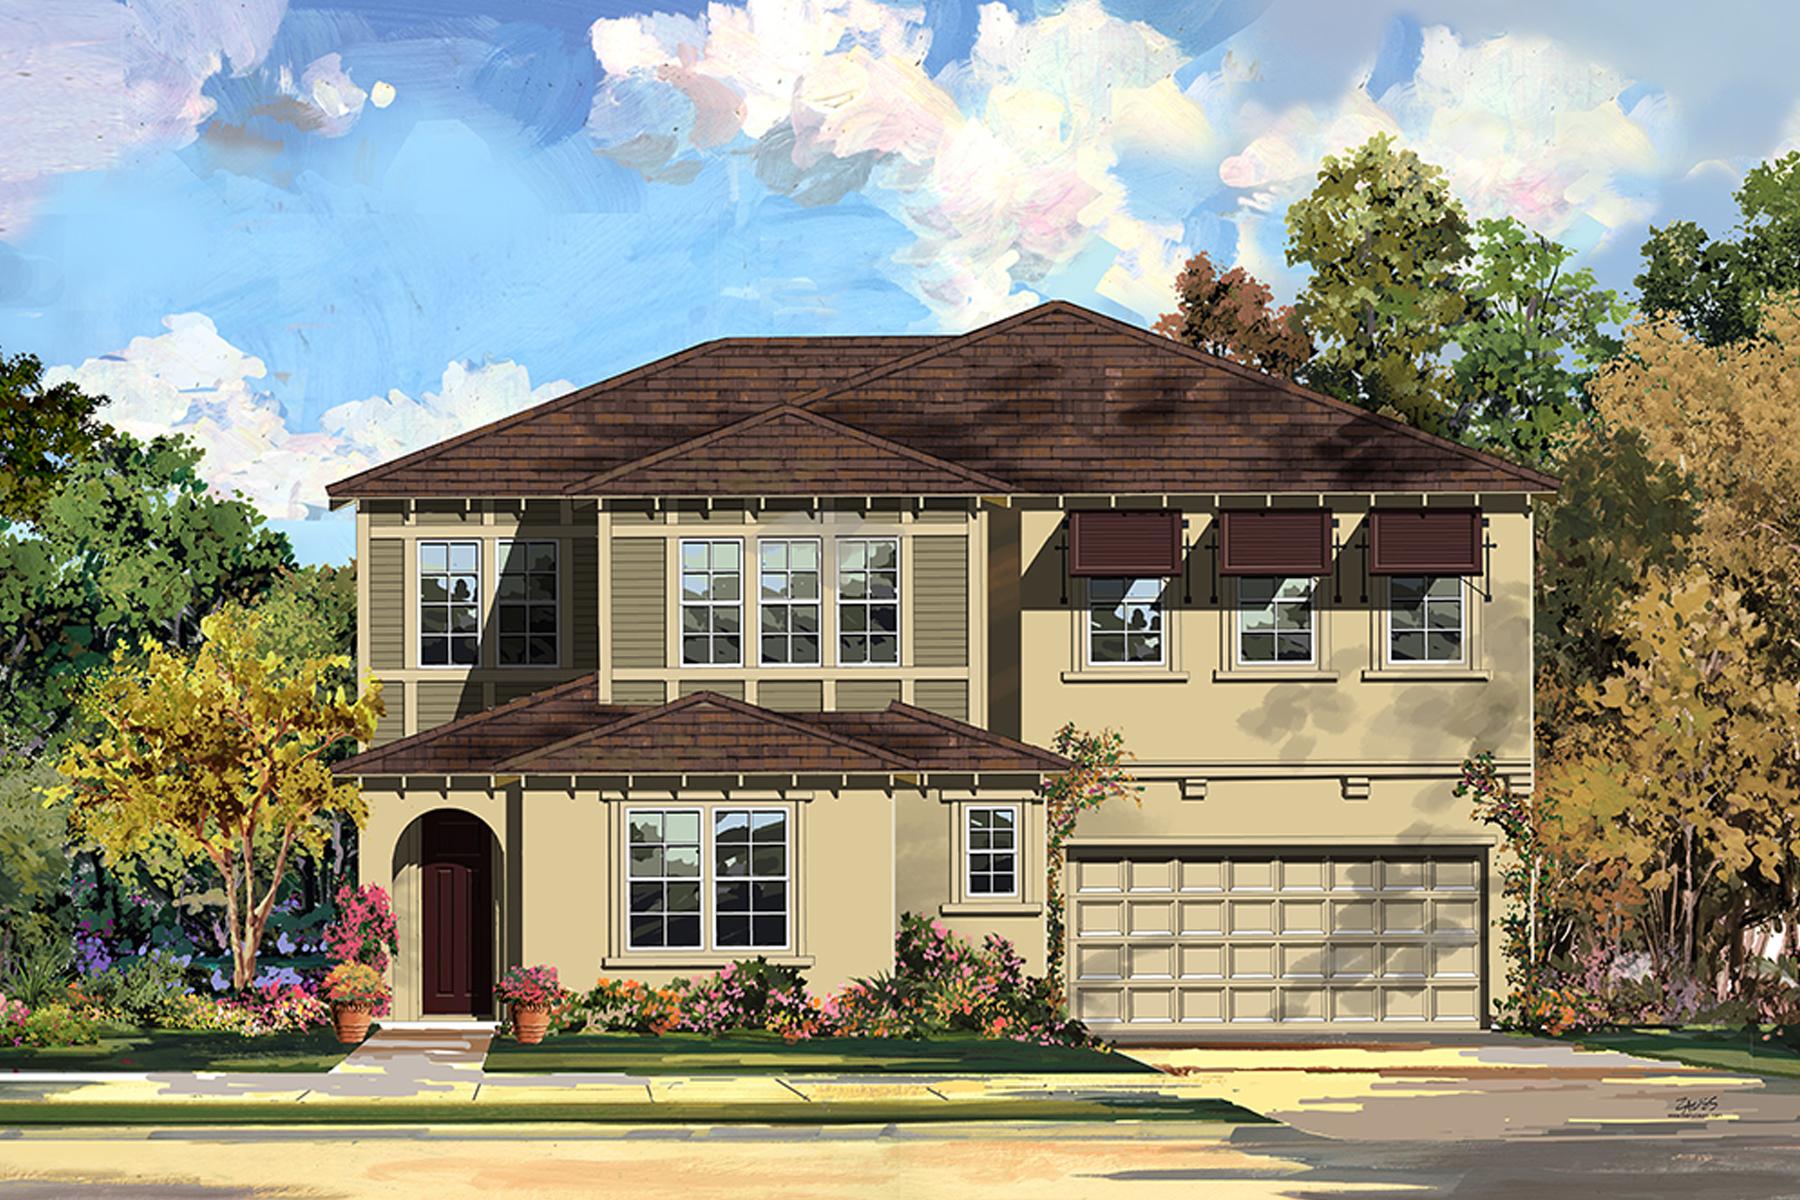 azusa new homes, new azusa homes, azusa real estates